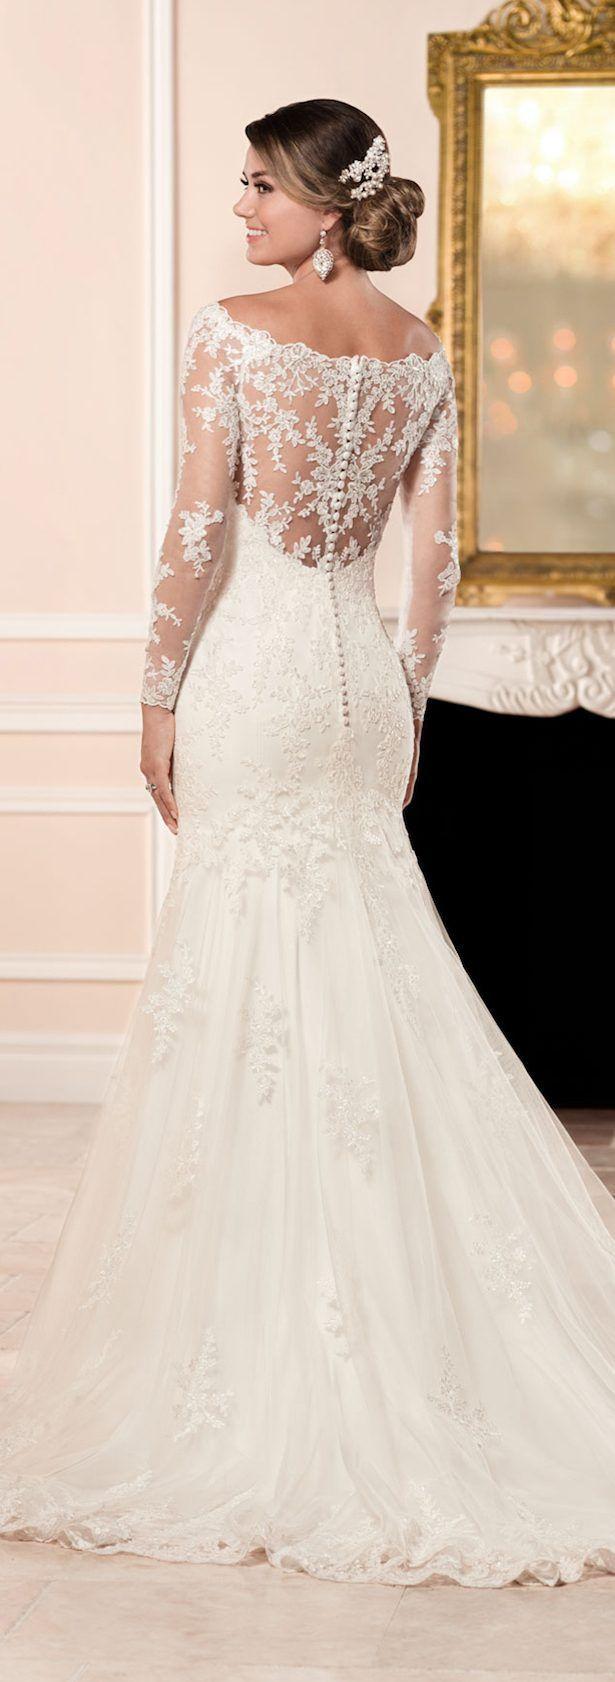 2017 best wedding dresses images on pinterest short for Stella york wedding dresses near me